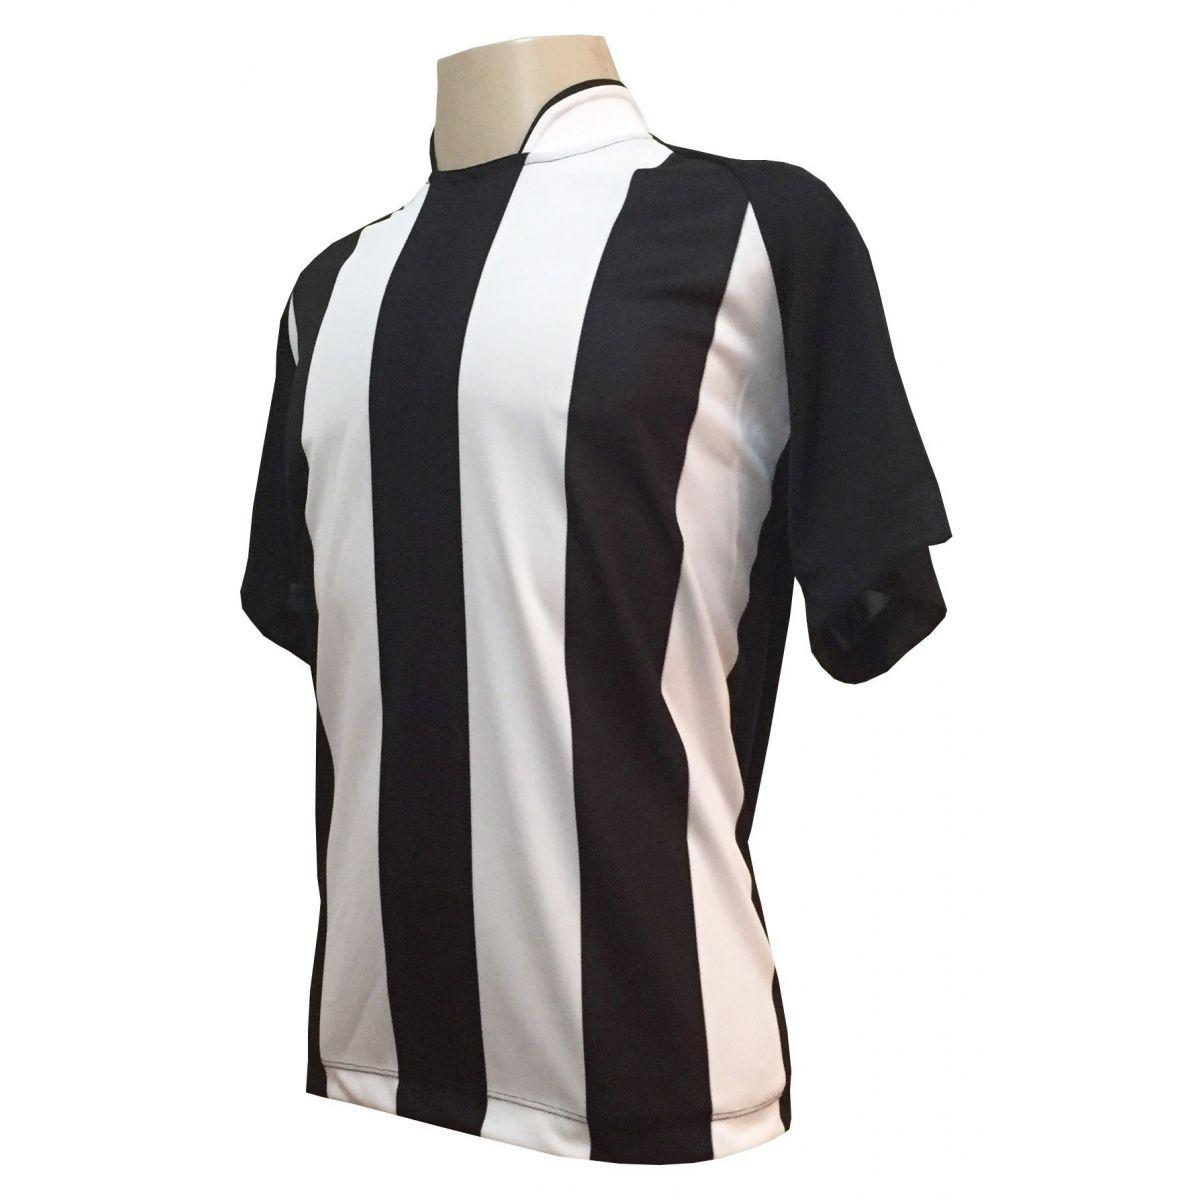 Jogo de Camisa com 12 unidades modelo Milan Preto/Branco + 1 Goleiro + Brindes